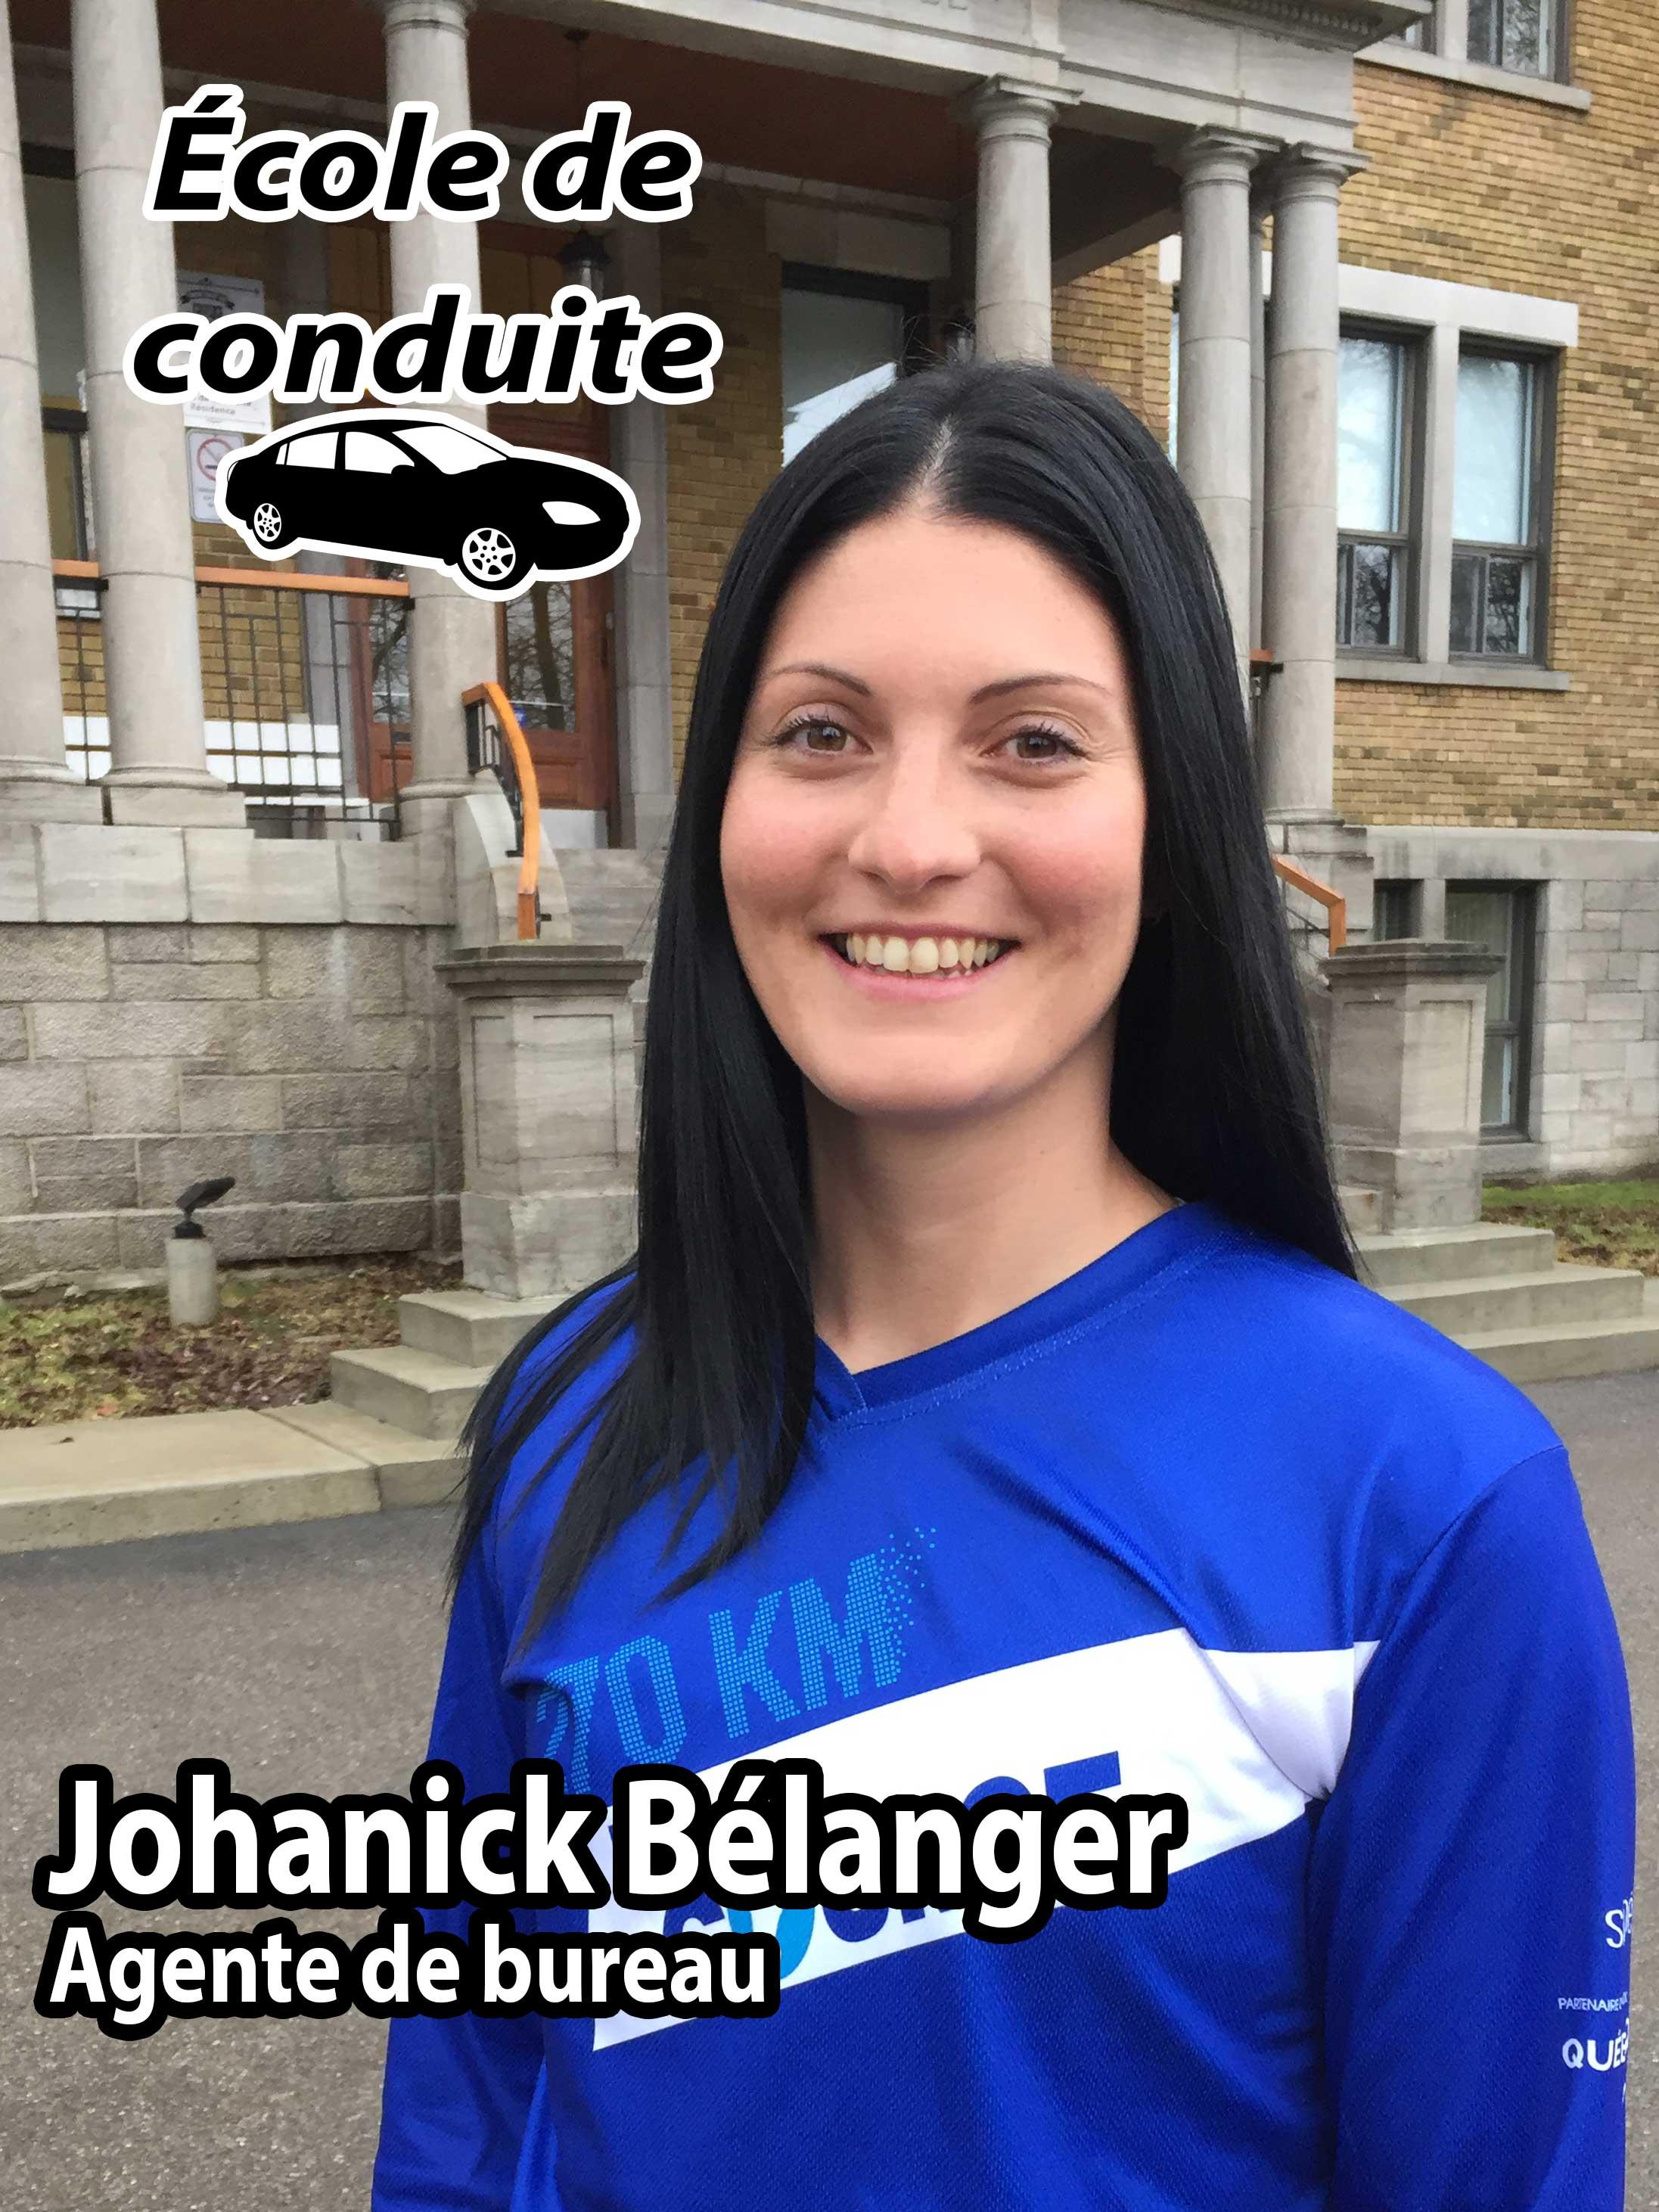 Johanick